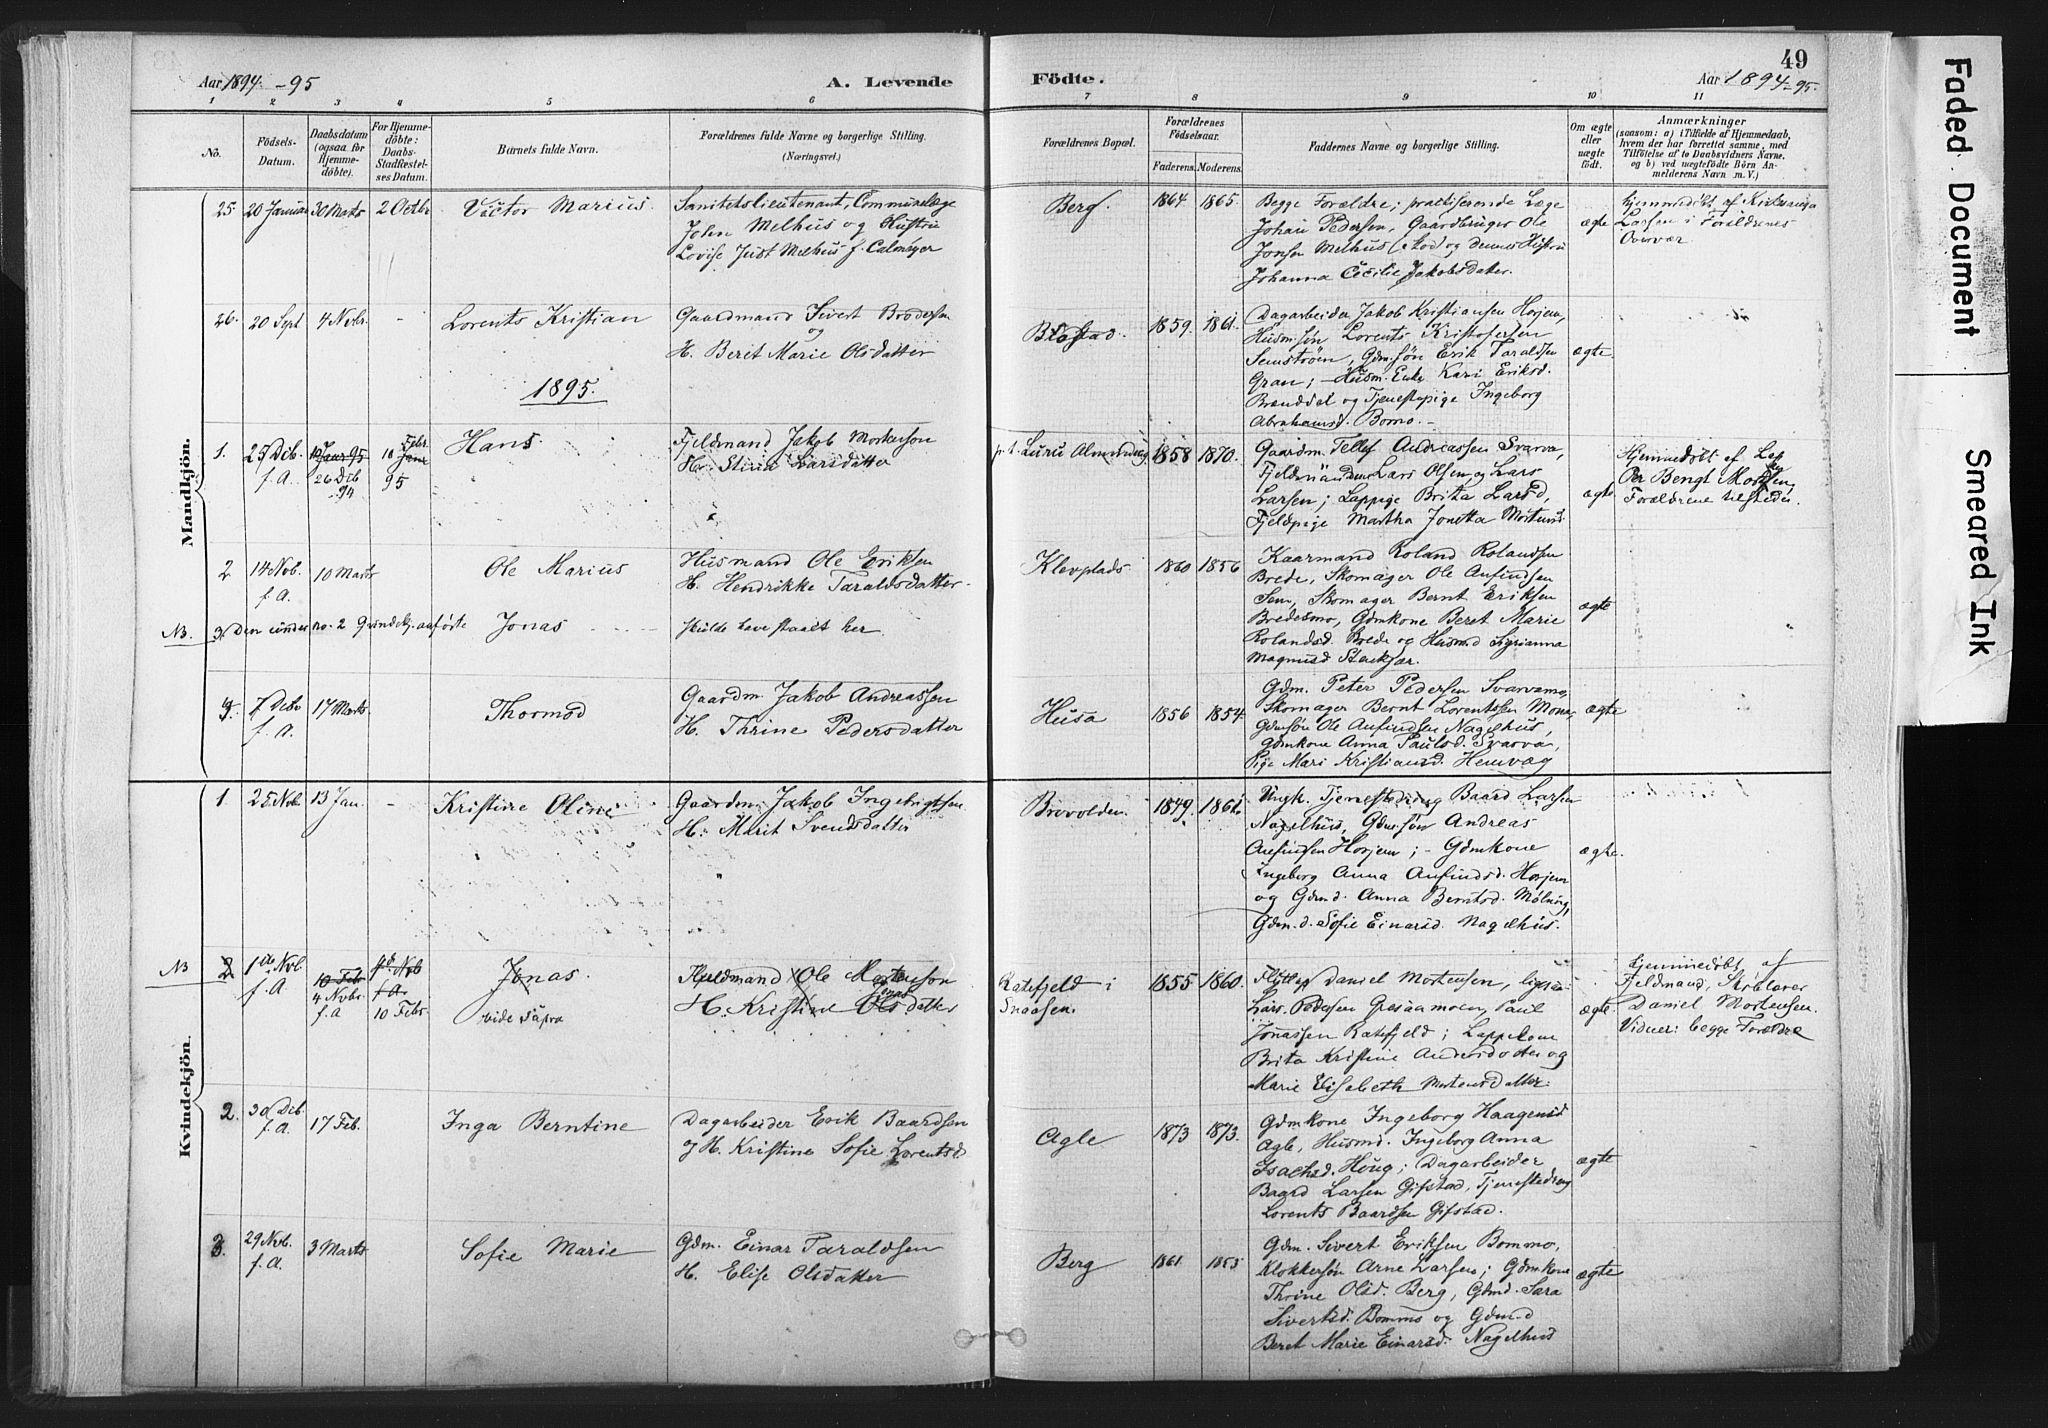 SAT, Ministerialprotokoller, klokkerbøker og fødselsregistre - Nord-Trøndelag, 749/L0474: Ministerialbok nr. 749A08, 1887-1903, s. 49